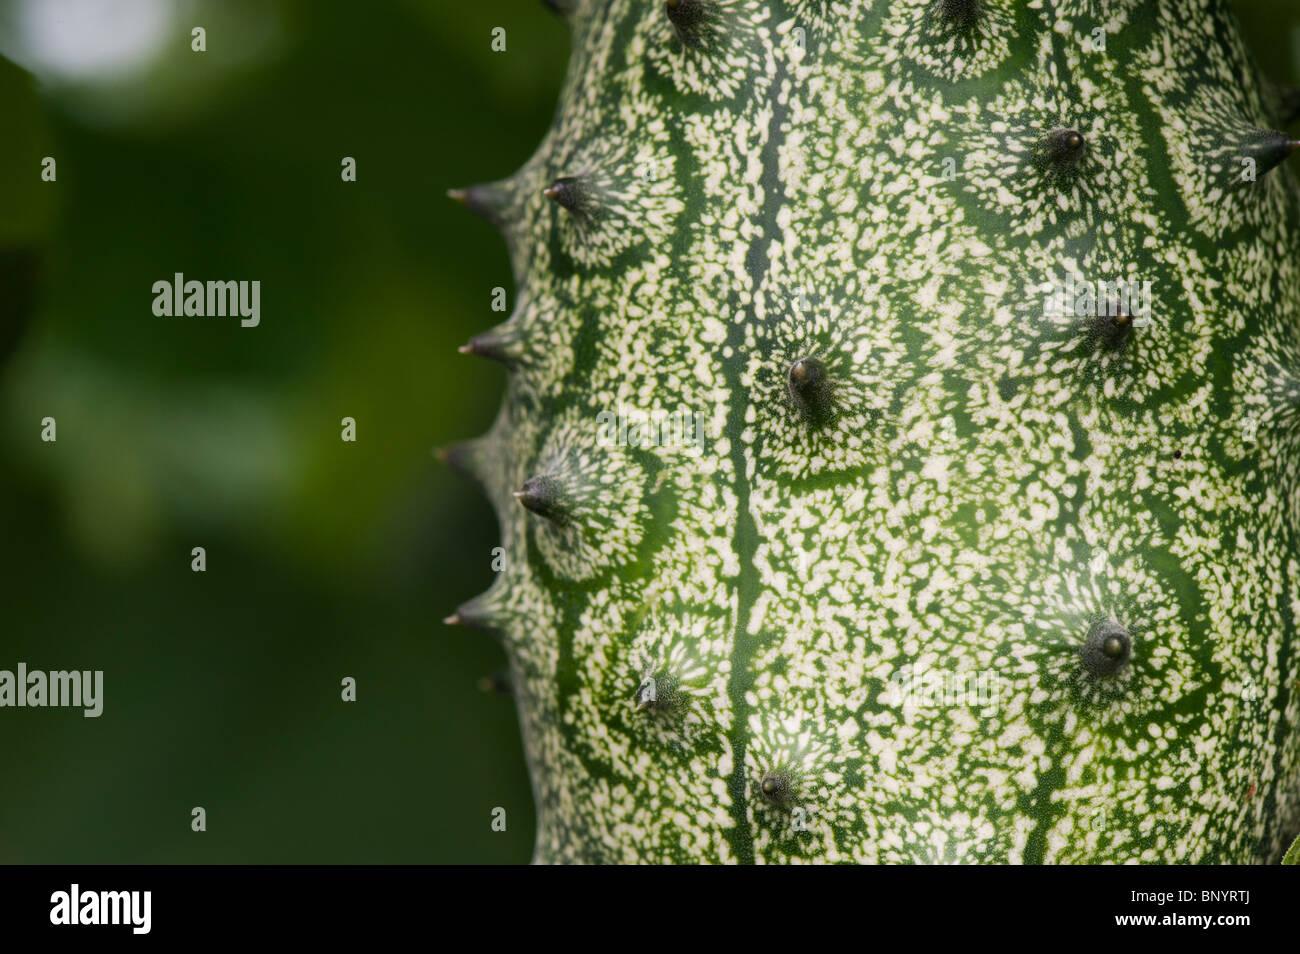 Cucumis metuliferus. Horned melon cucumber - Stock Image